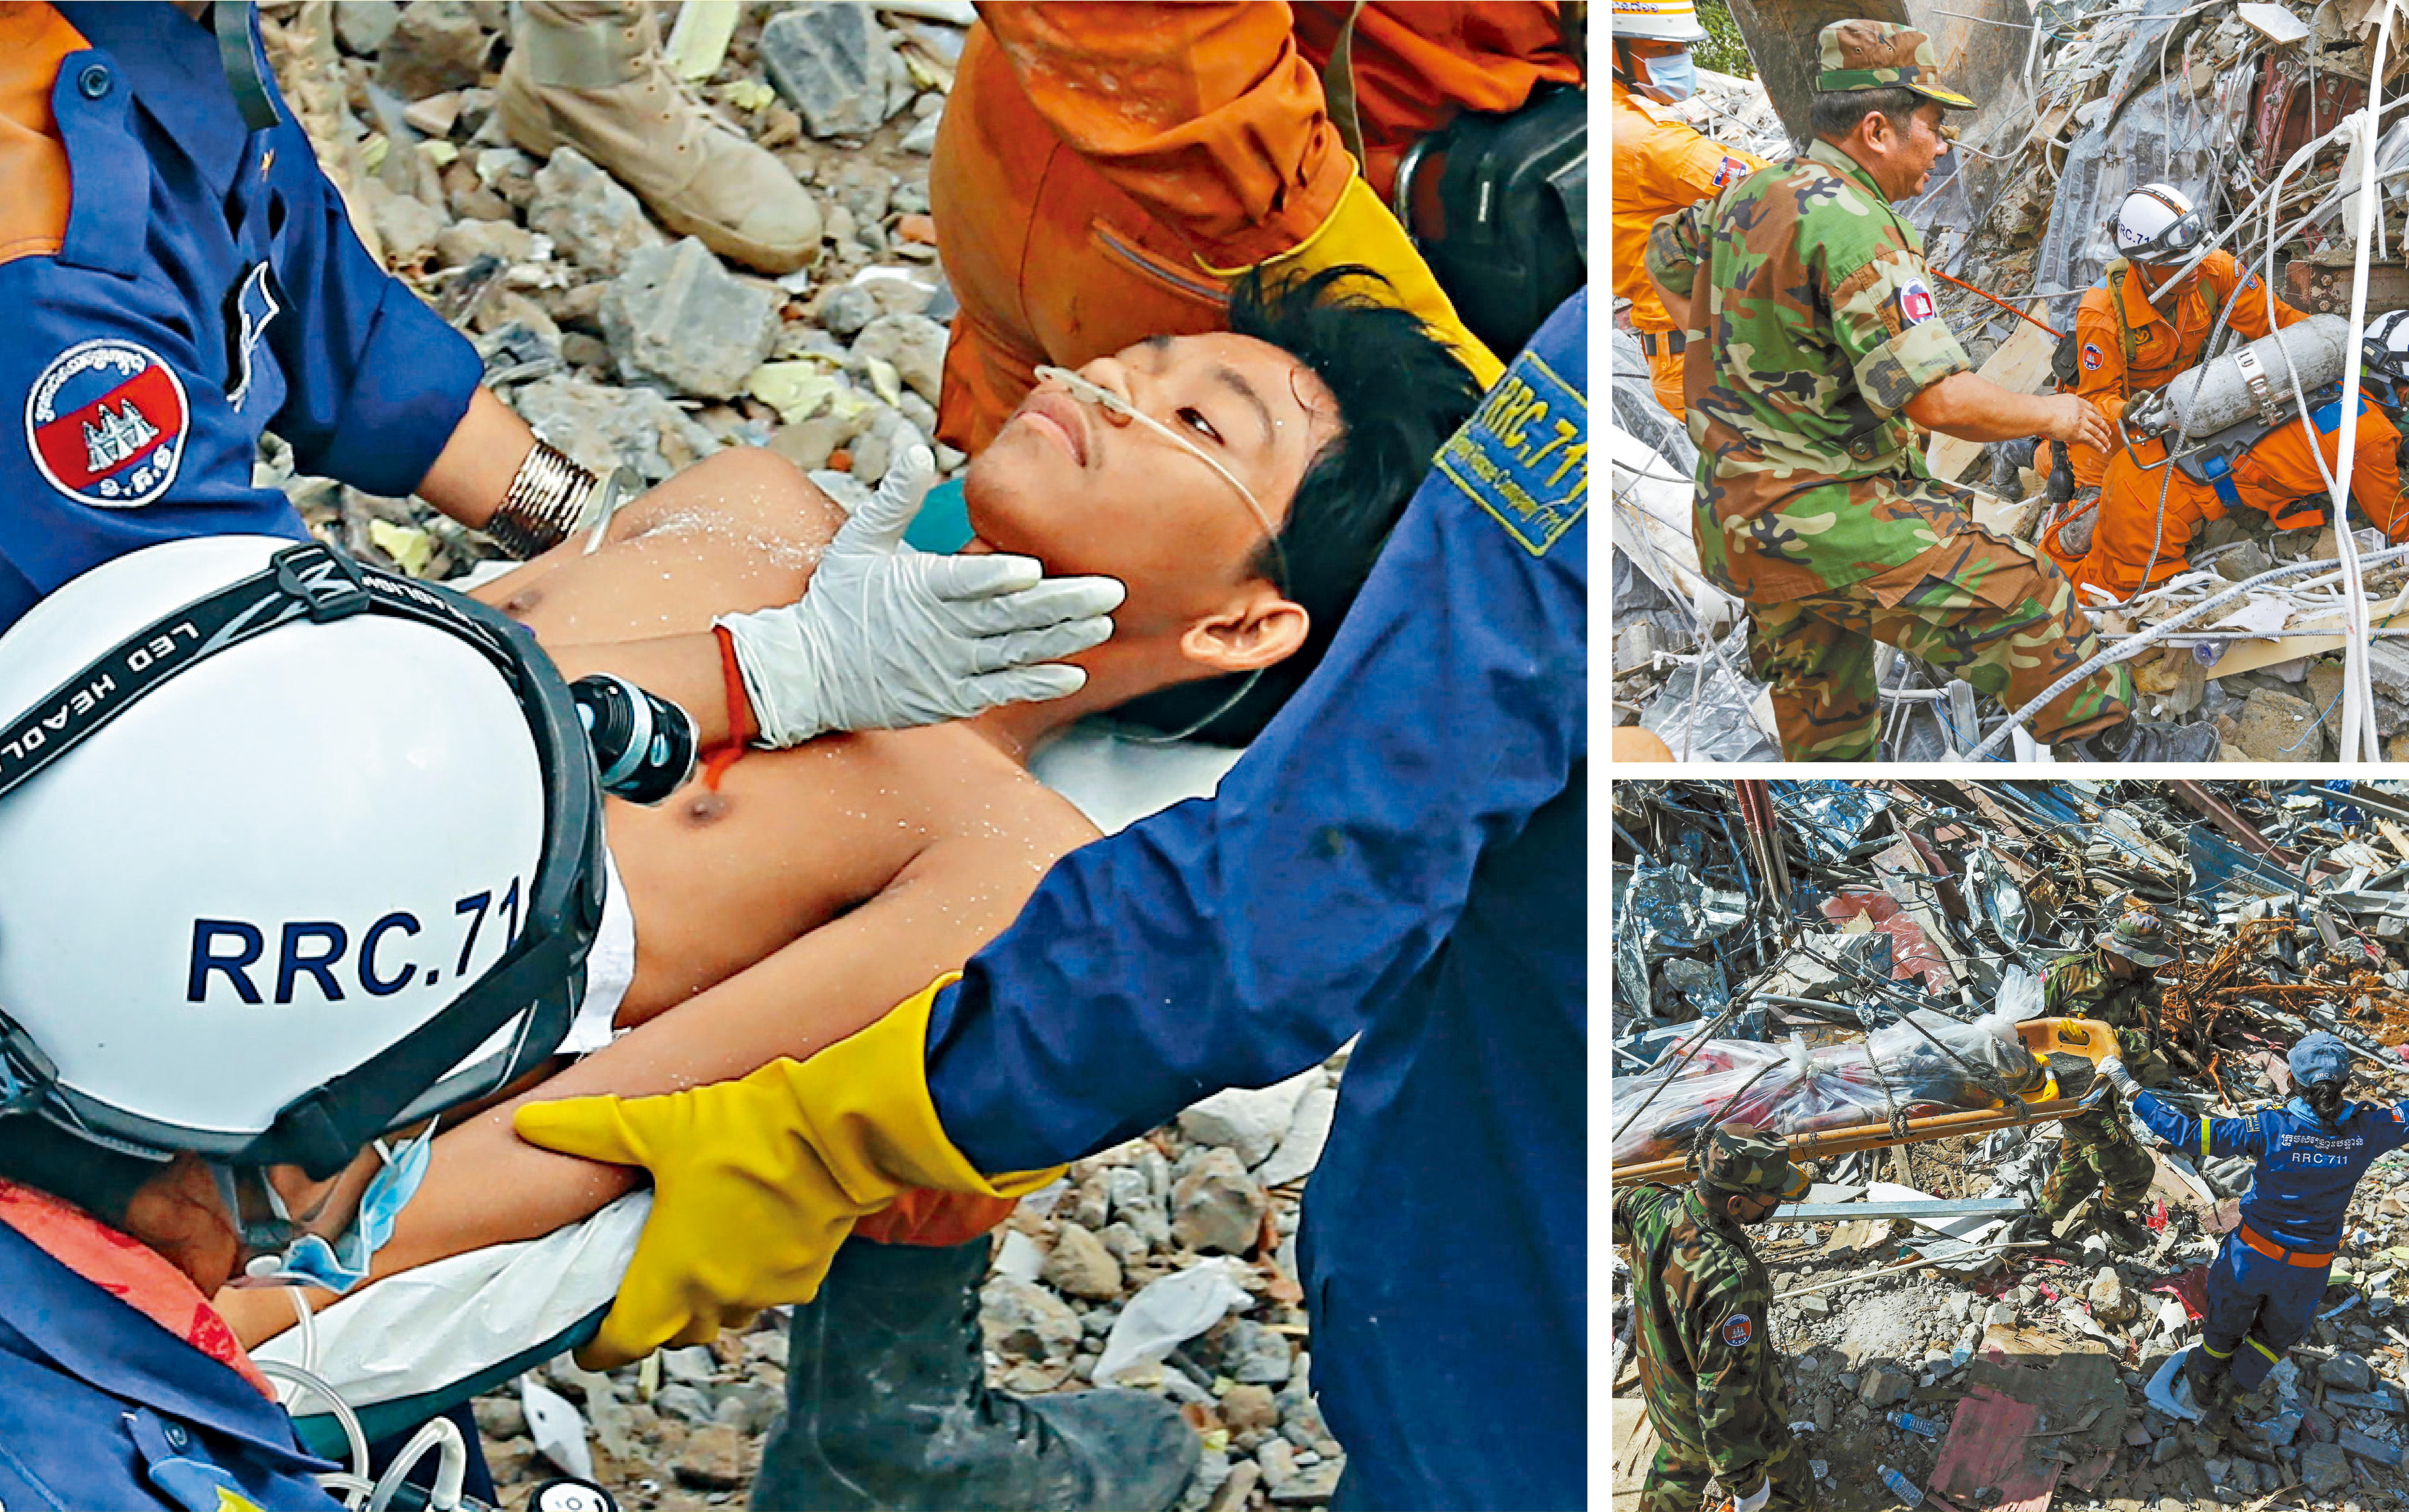 奇跡生還的男子從廢墟中被救出。右下圖為遇難者被抬出,右上圖為救援人員在搜尋受害者。法新社